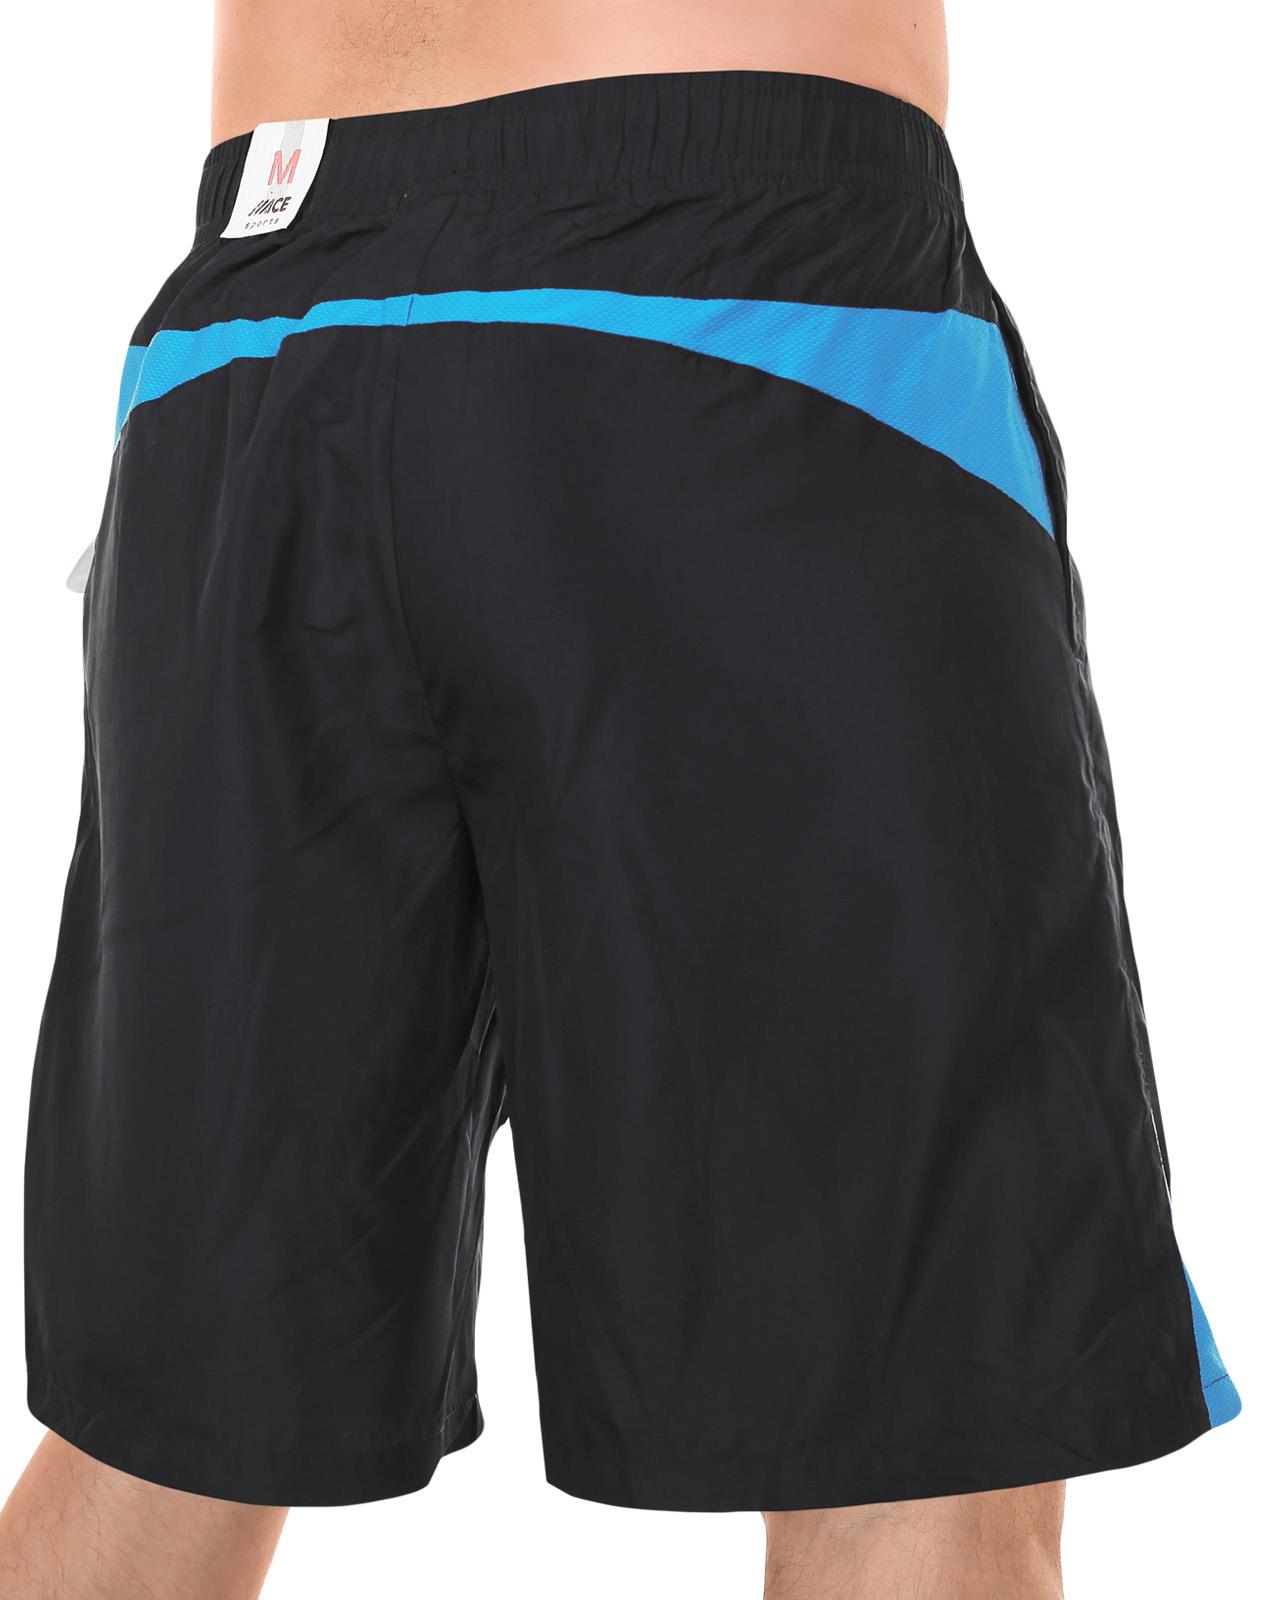 Крутые мужские шорты от MACE для пляжного спорта по выгодной цене